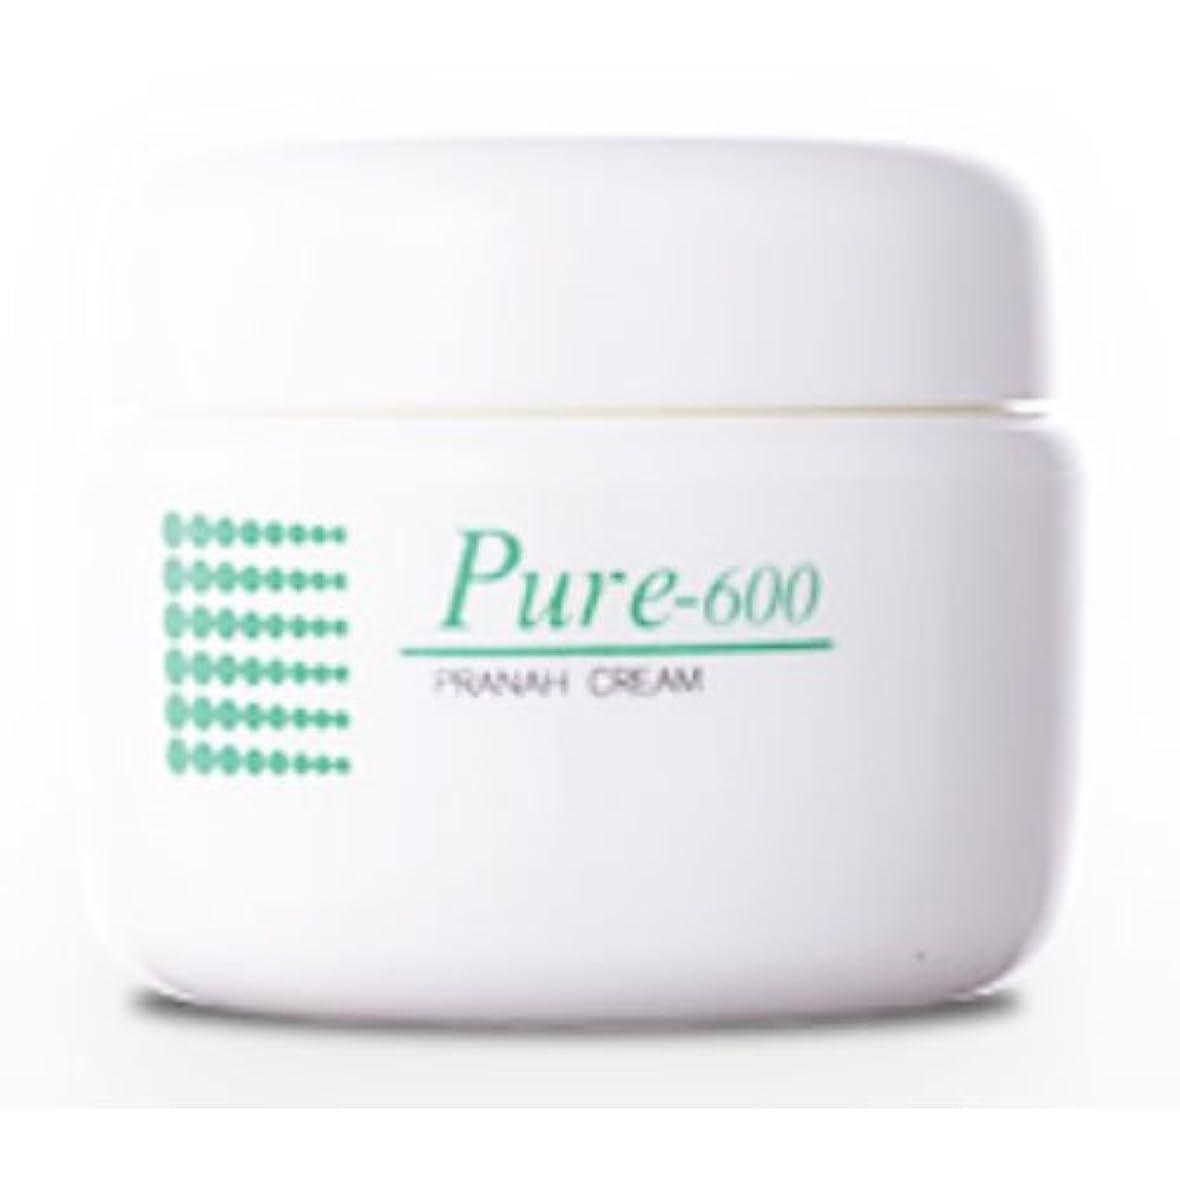 刺激する離れてまろやかなセブ Pure-600プラーナクリーム